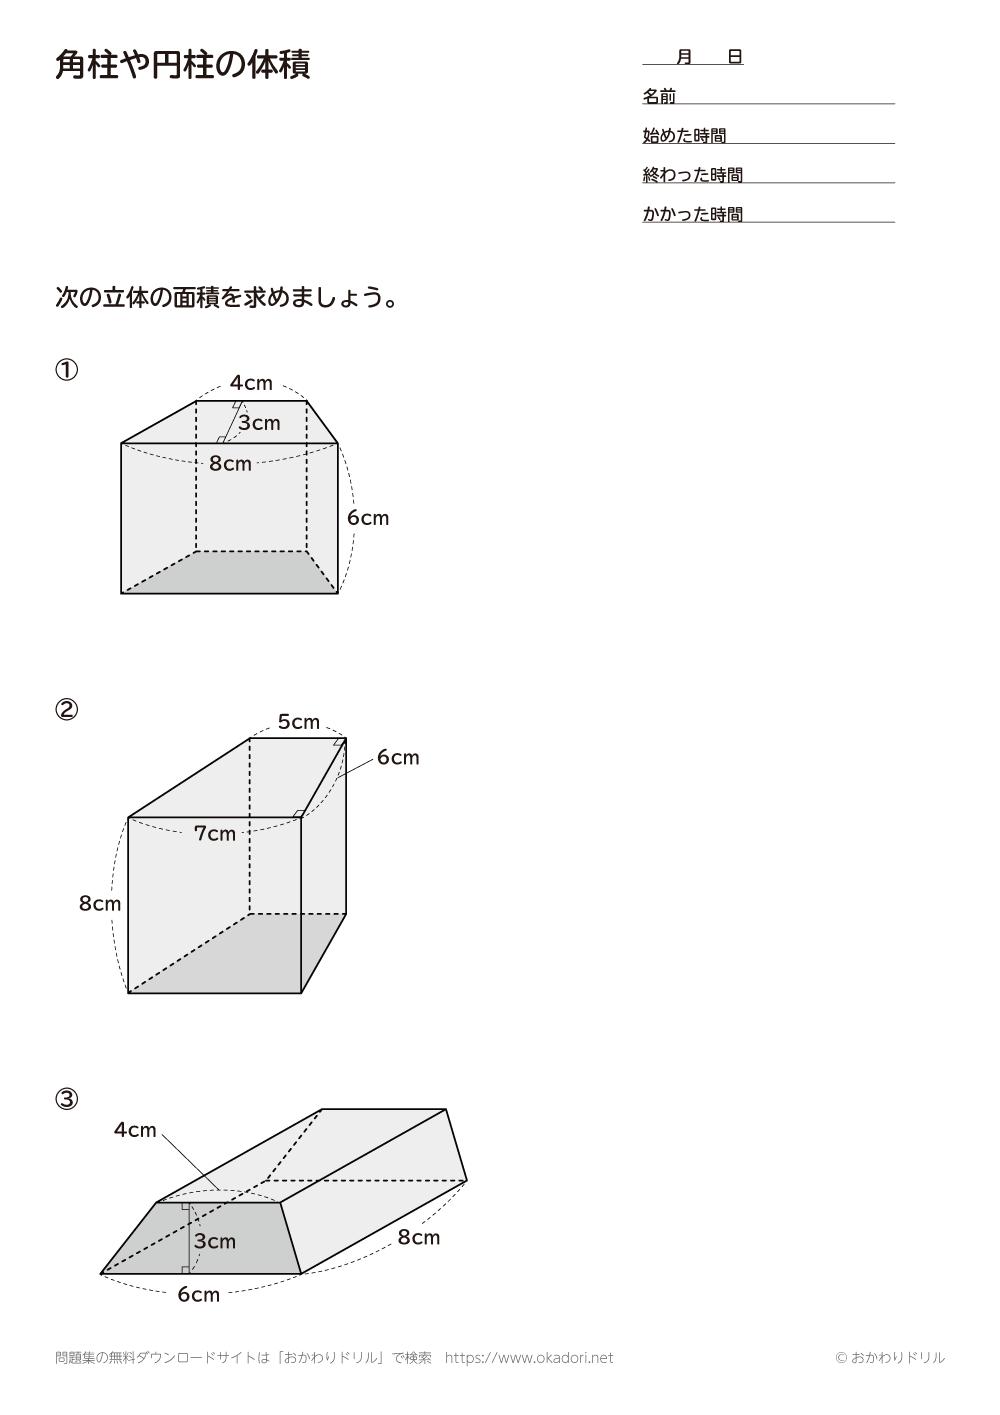 角柱や円柱の体積3